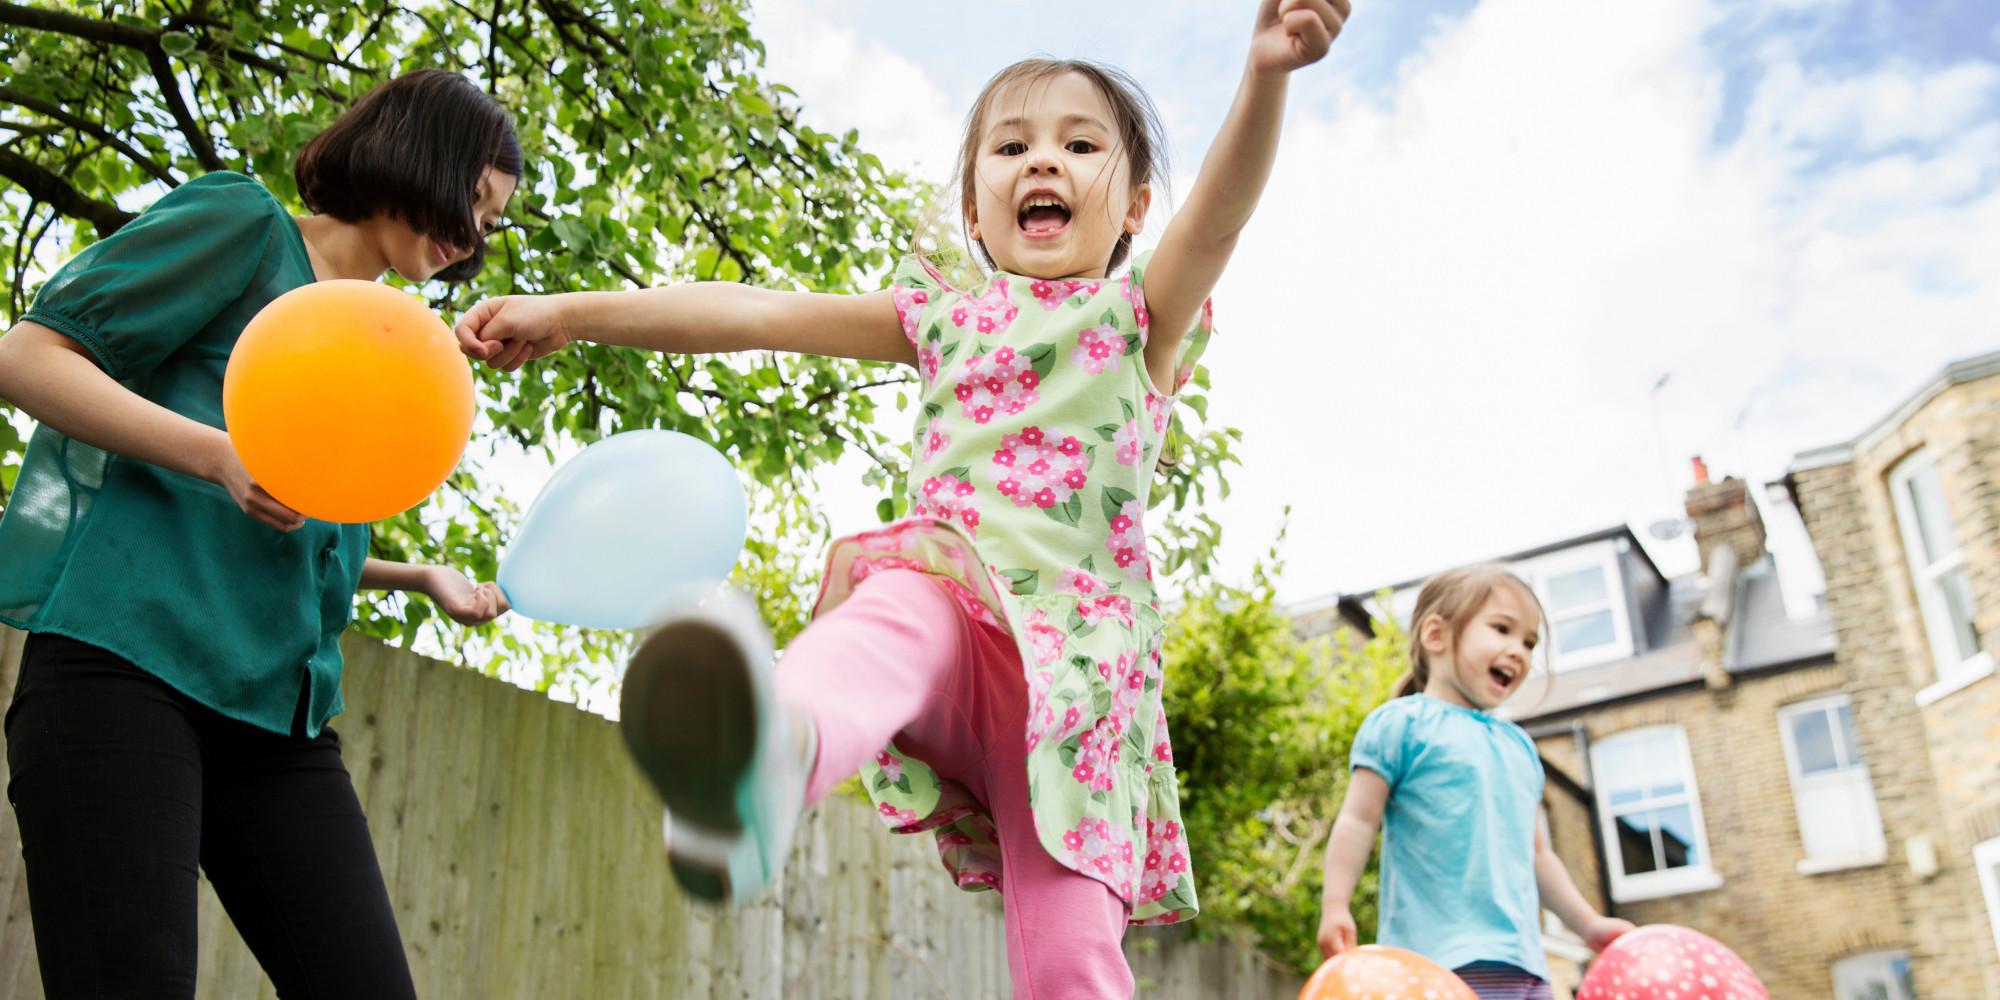 Oyunun Çocuk Gelişimine Etkileri